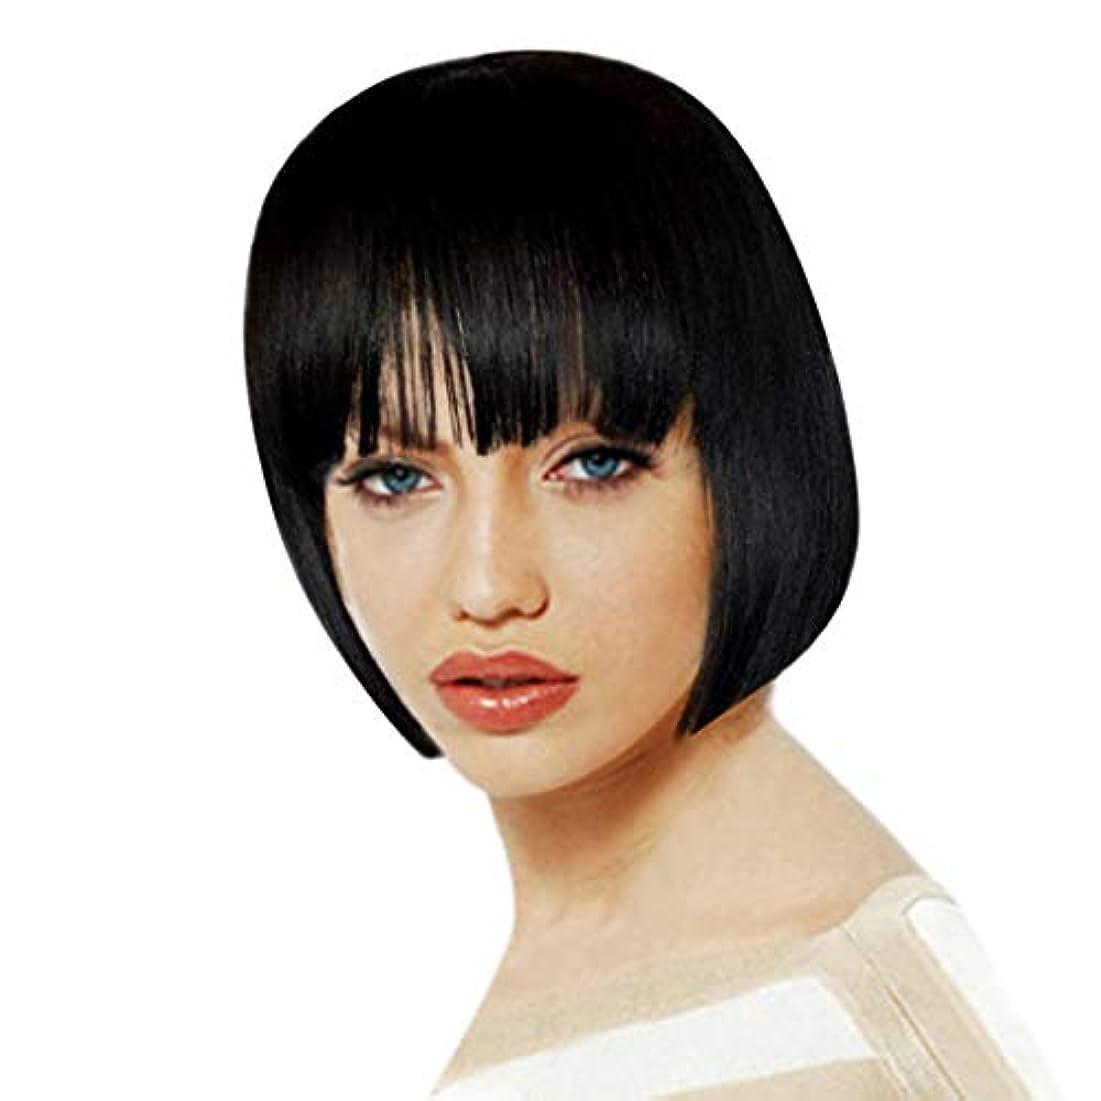 錆びモーター国際女性の黒の短いストレートヘアボブウィッグファッションウィッグローズネットかつら